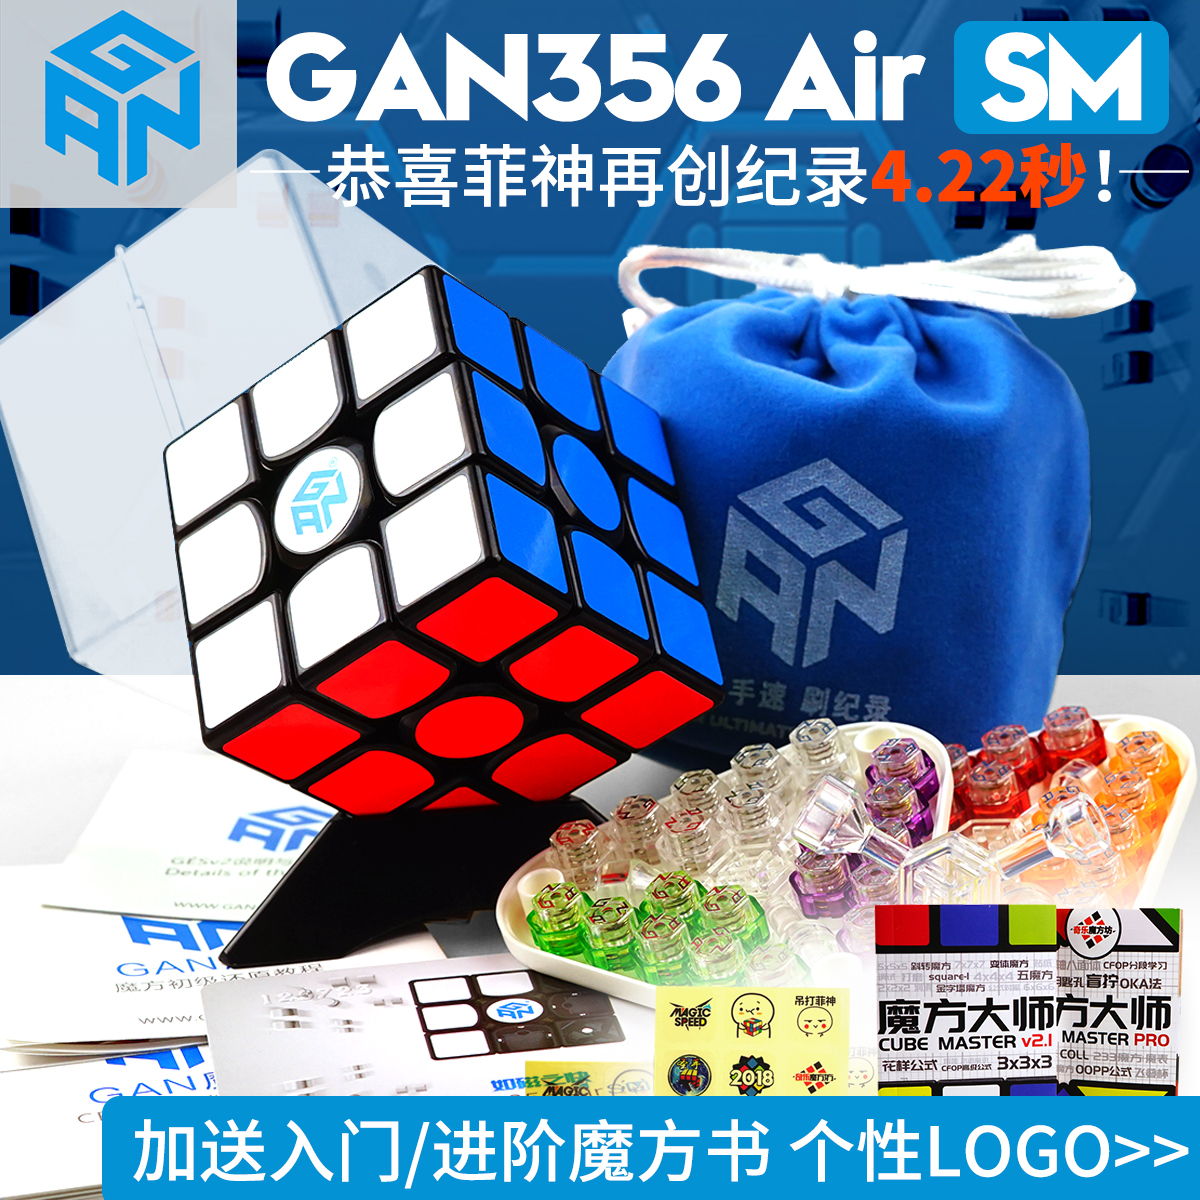 GAN 356air 356S M磁力 GAN354M460M249V2江淦源��I比�三�A魔方